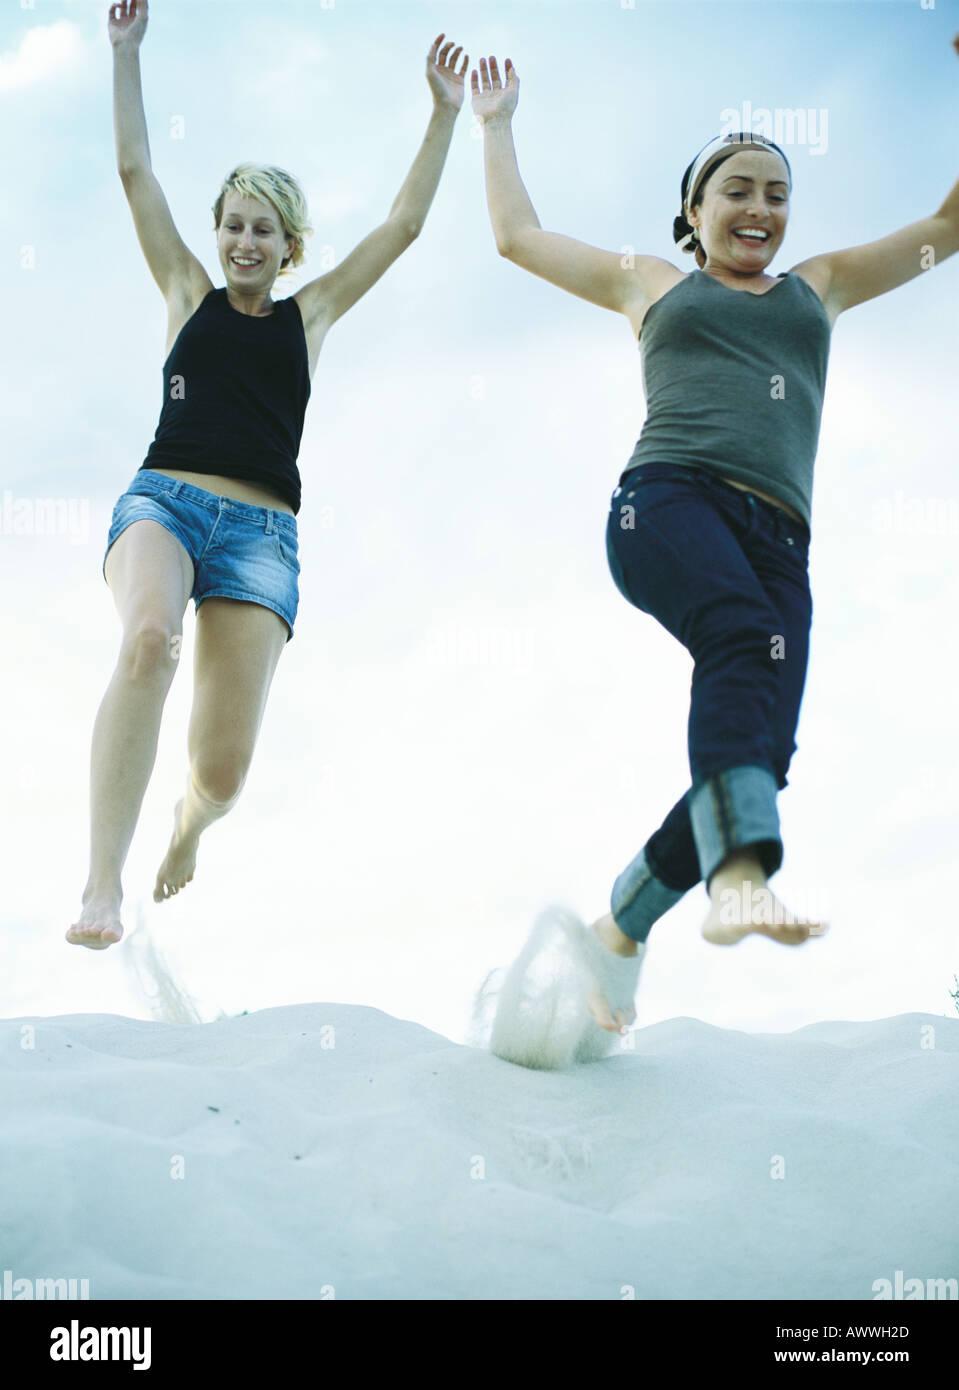 Las mujeres saltando sobre arena, vista de ángulo bajo Imagen De Stock